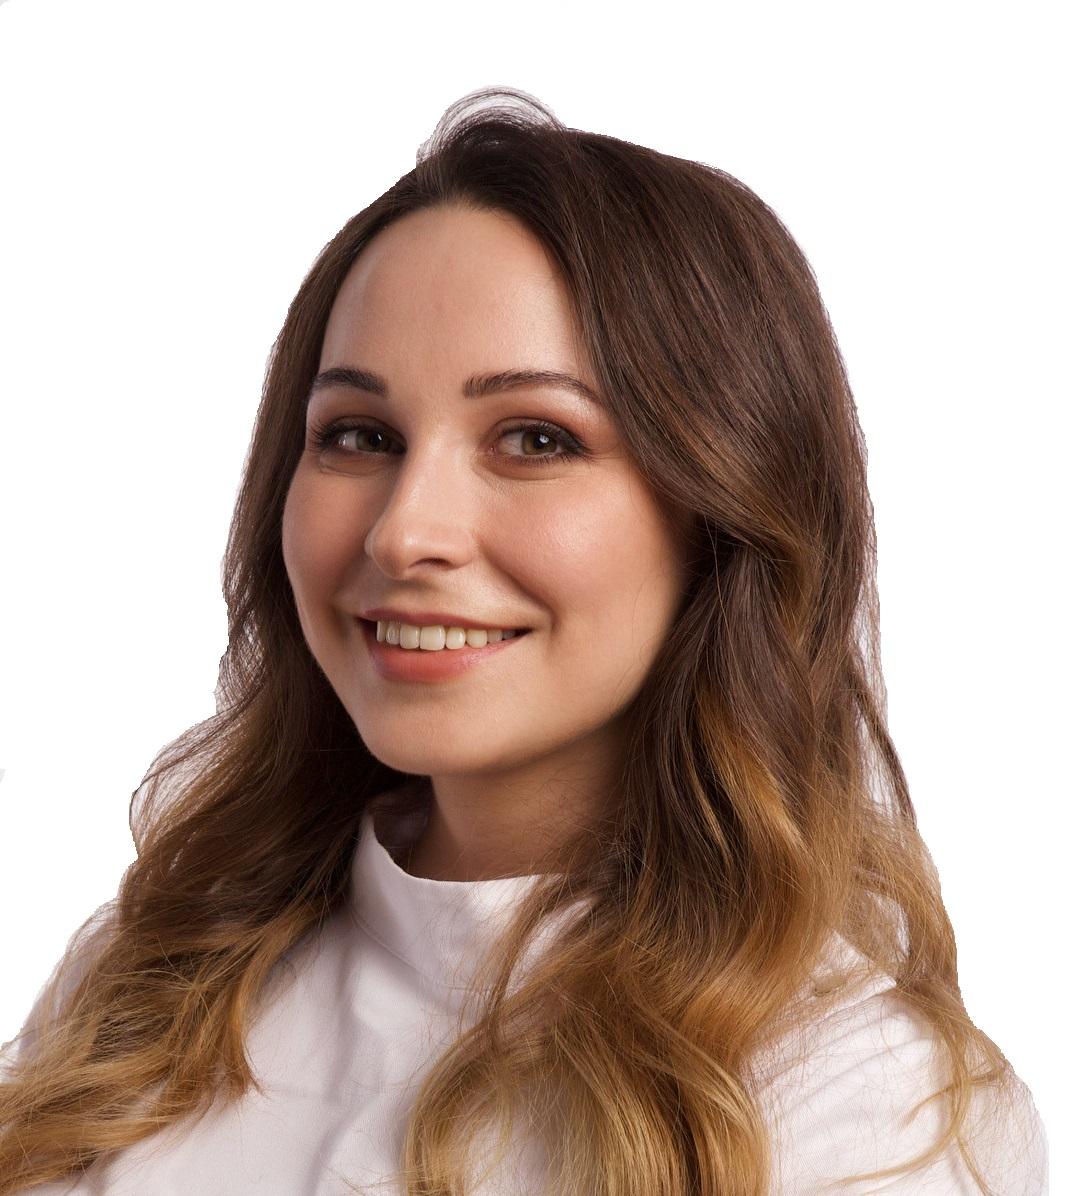 Бондаренко Каролина Владимировна